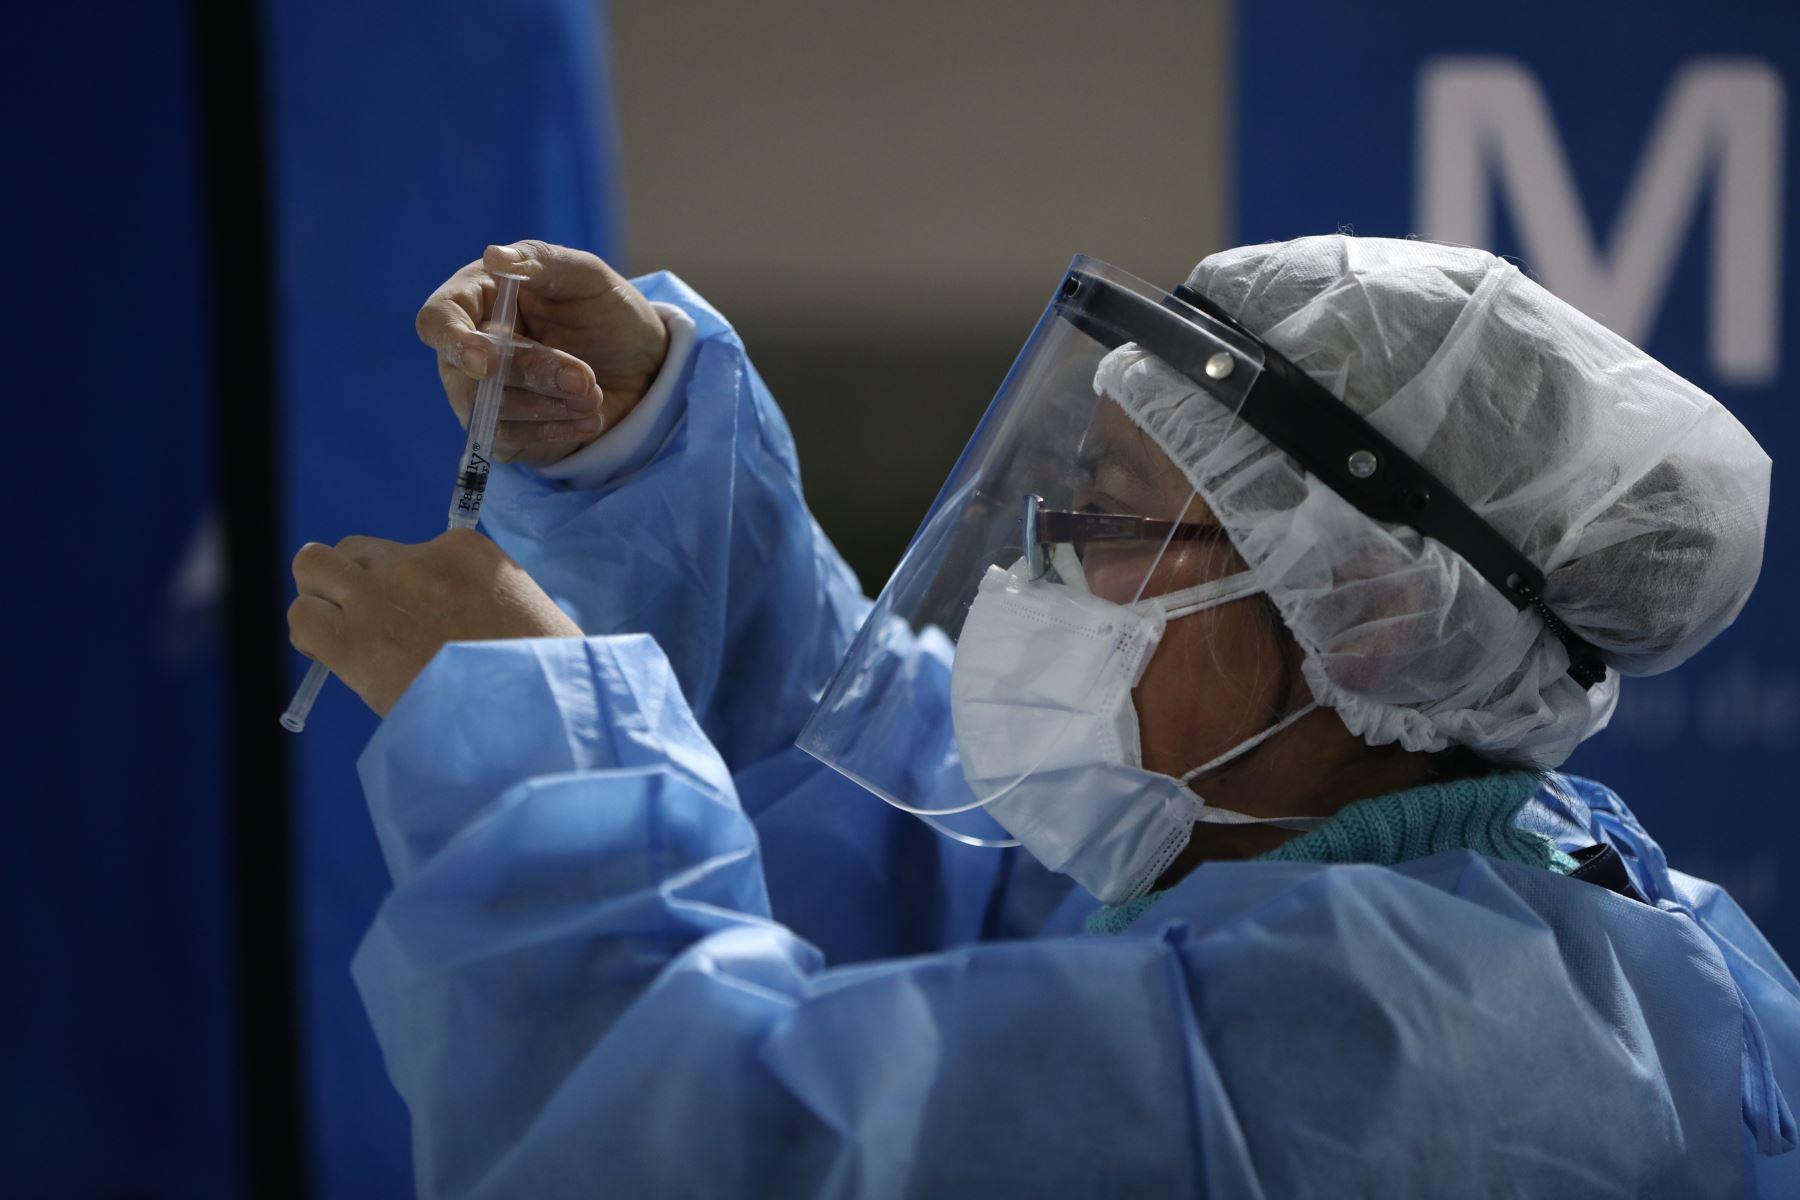 Con un proceso de vacunación que superó hasta ayer los 12.7 millones de dosis aplicadas, el Minsa agregó que a la fecha se tienen 5,562 pacientes hospitalizados por la covid-19. ANDINA/ Minsa